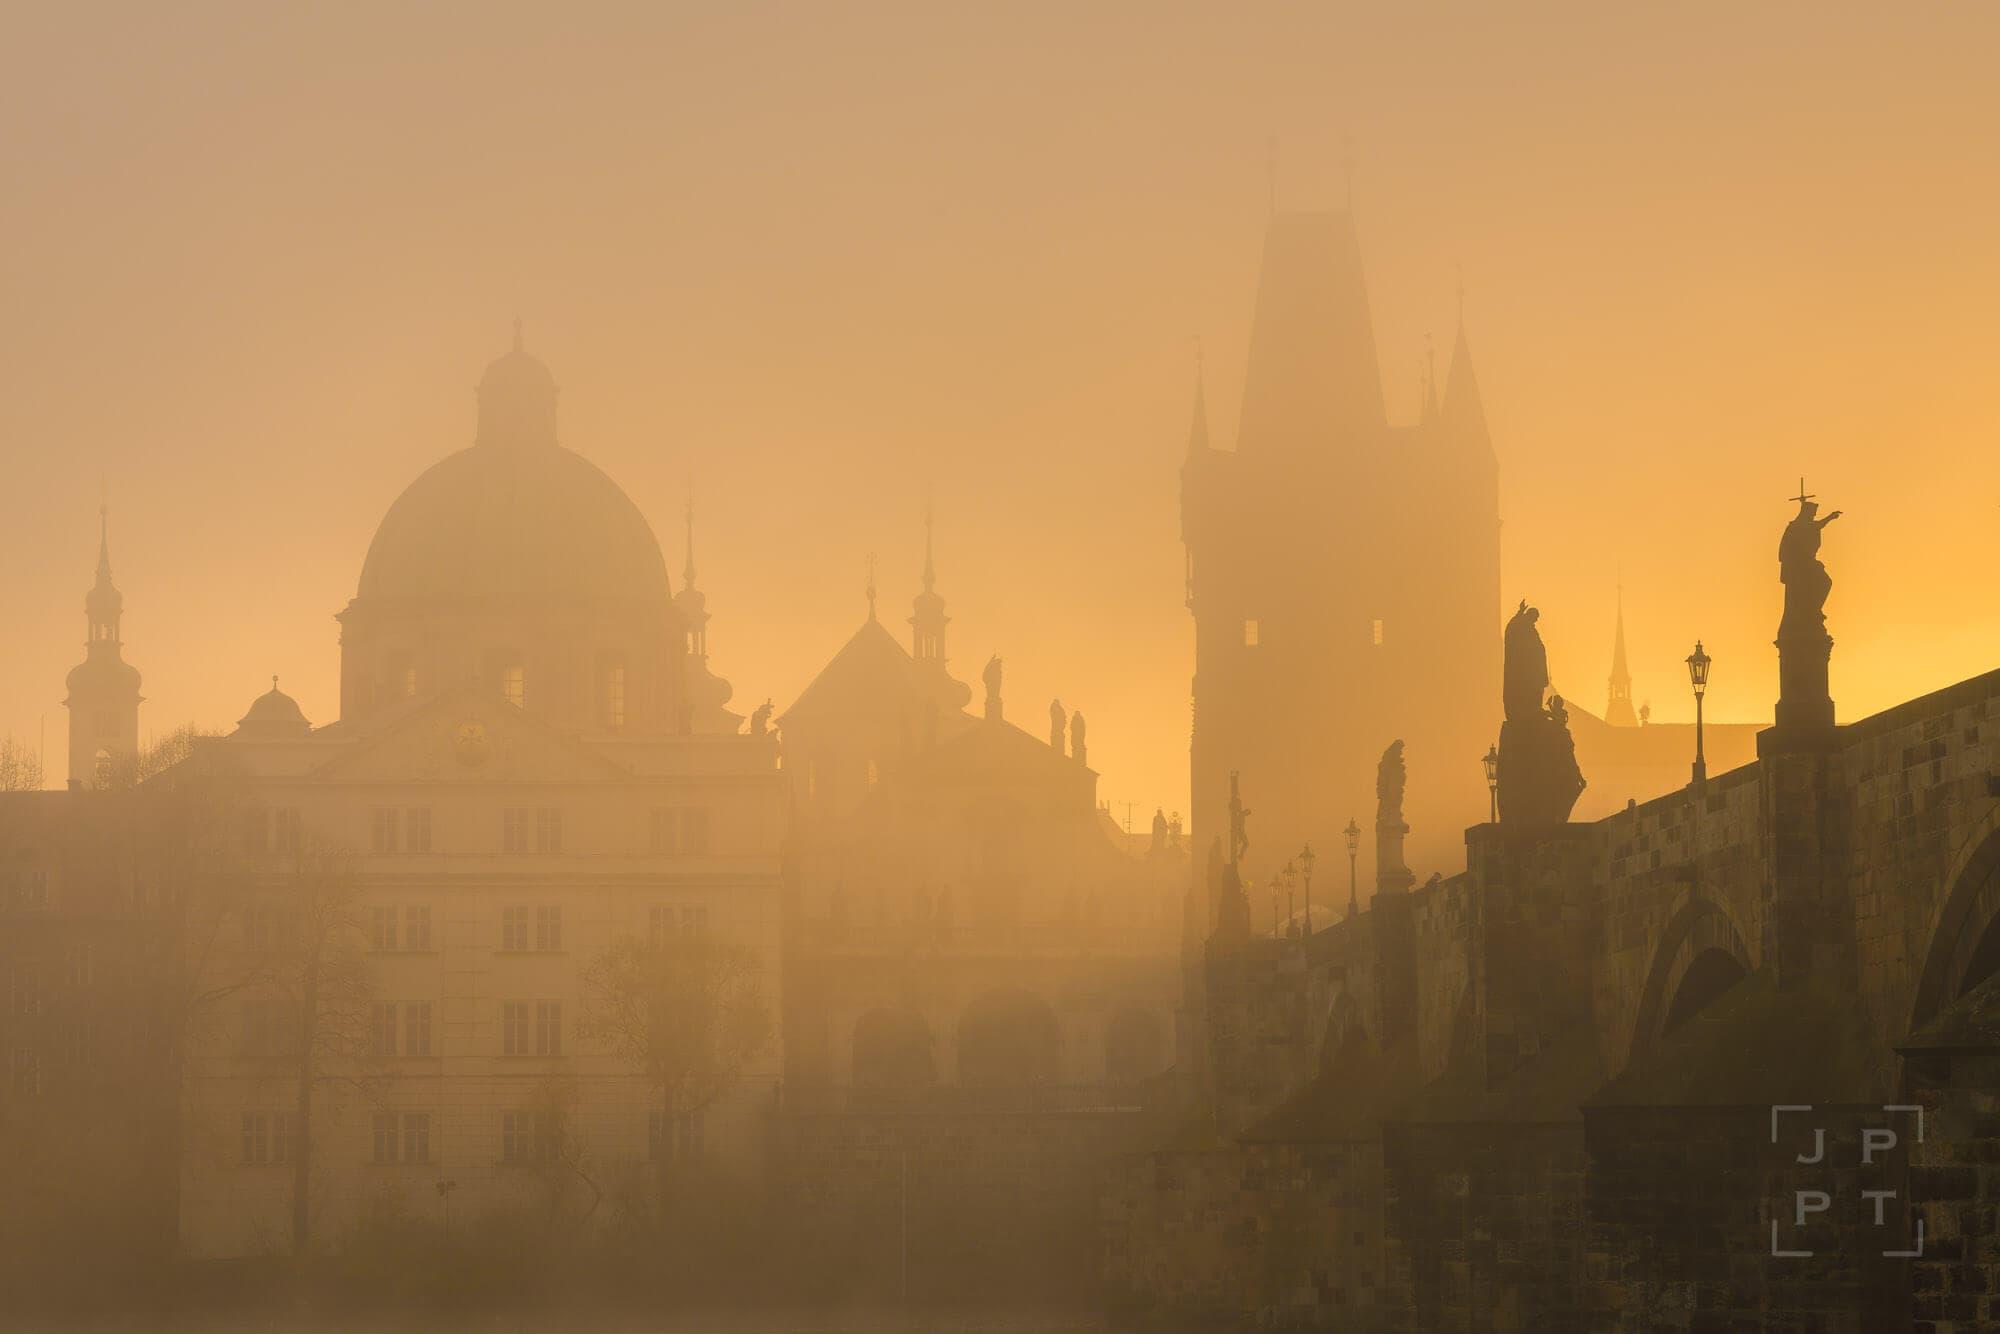 Charles bridge with mist at sunrise, Prague